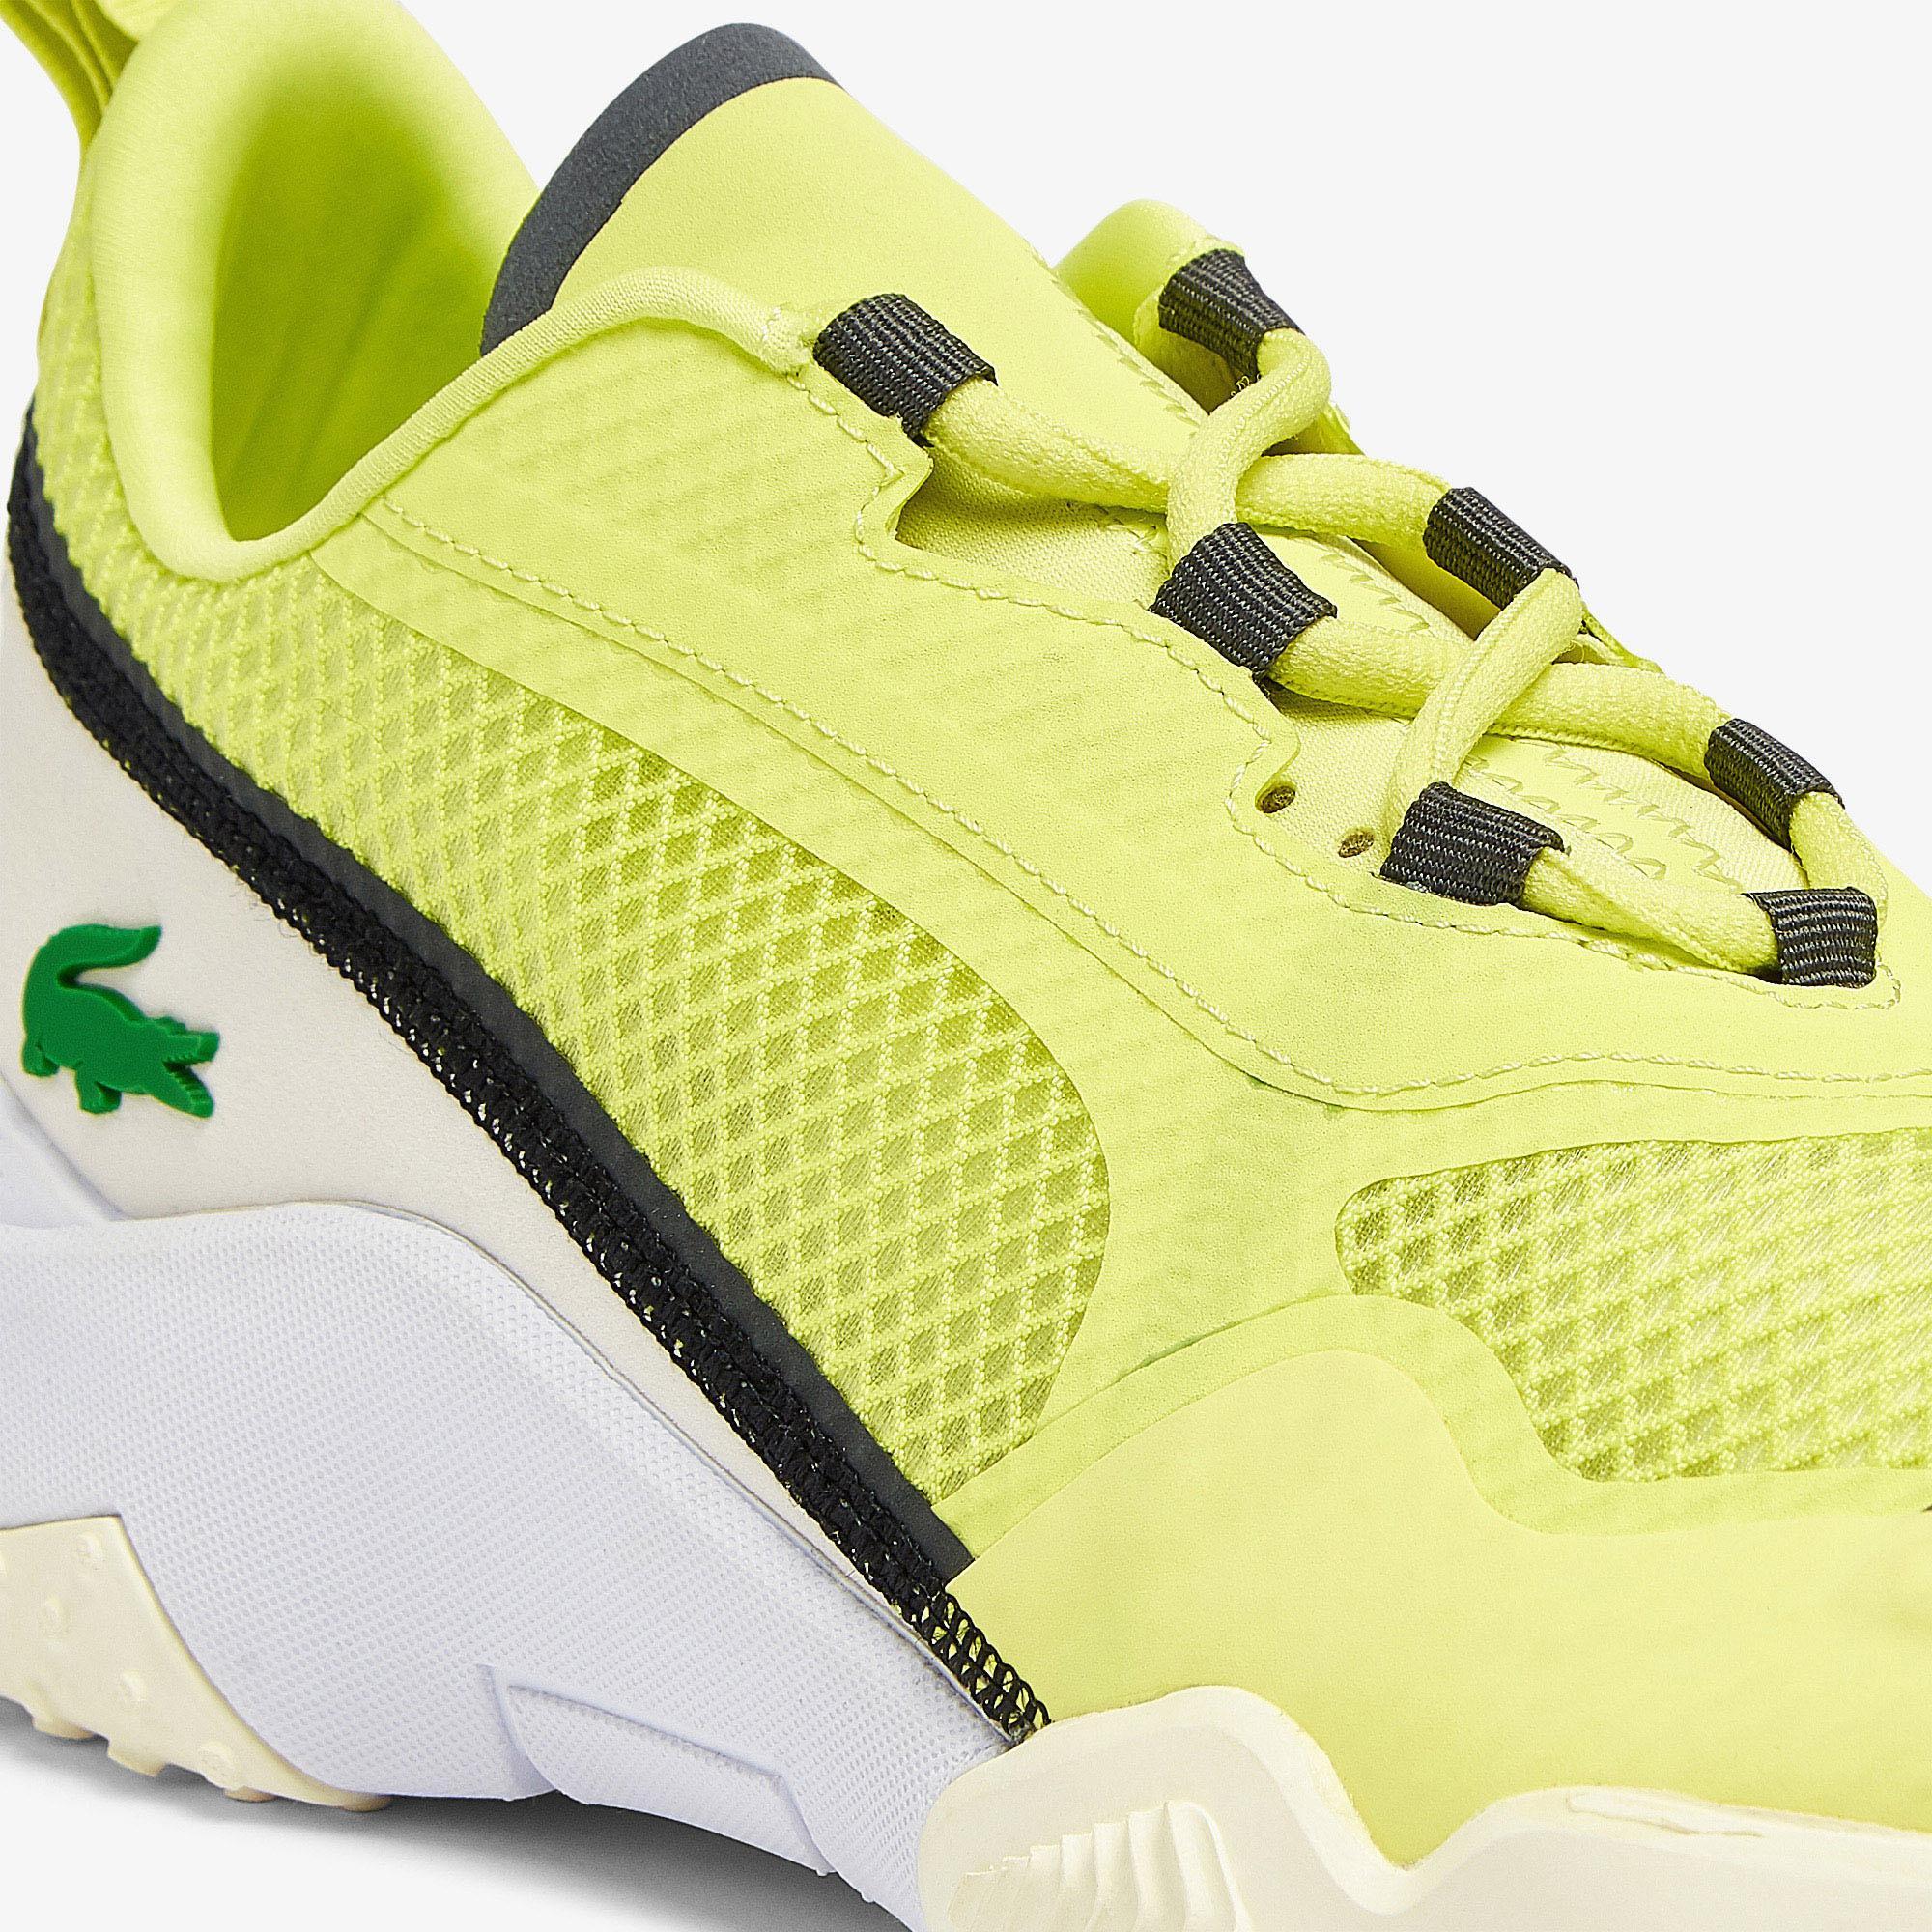 Lacoste Men's Ut-Lt Lıbre 0721 1 Sma Shoes